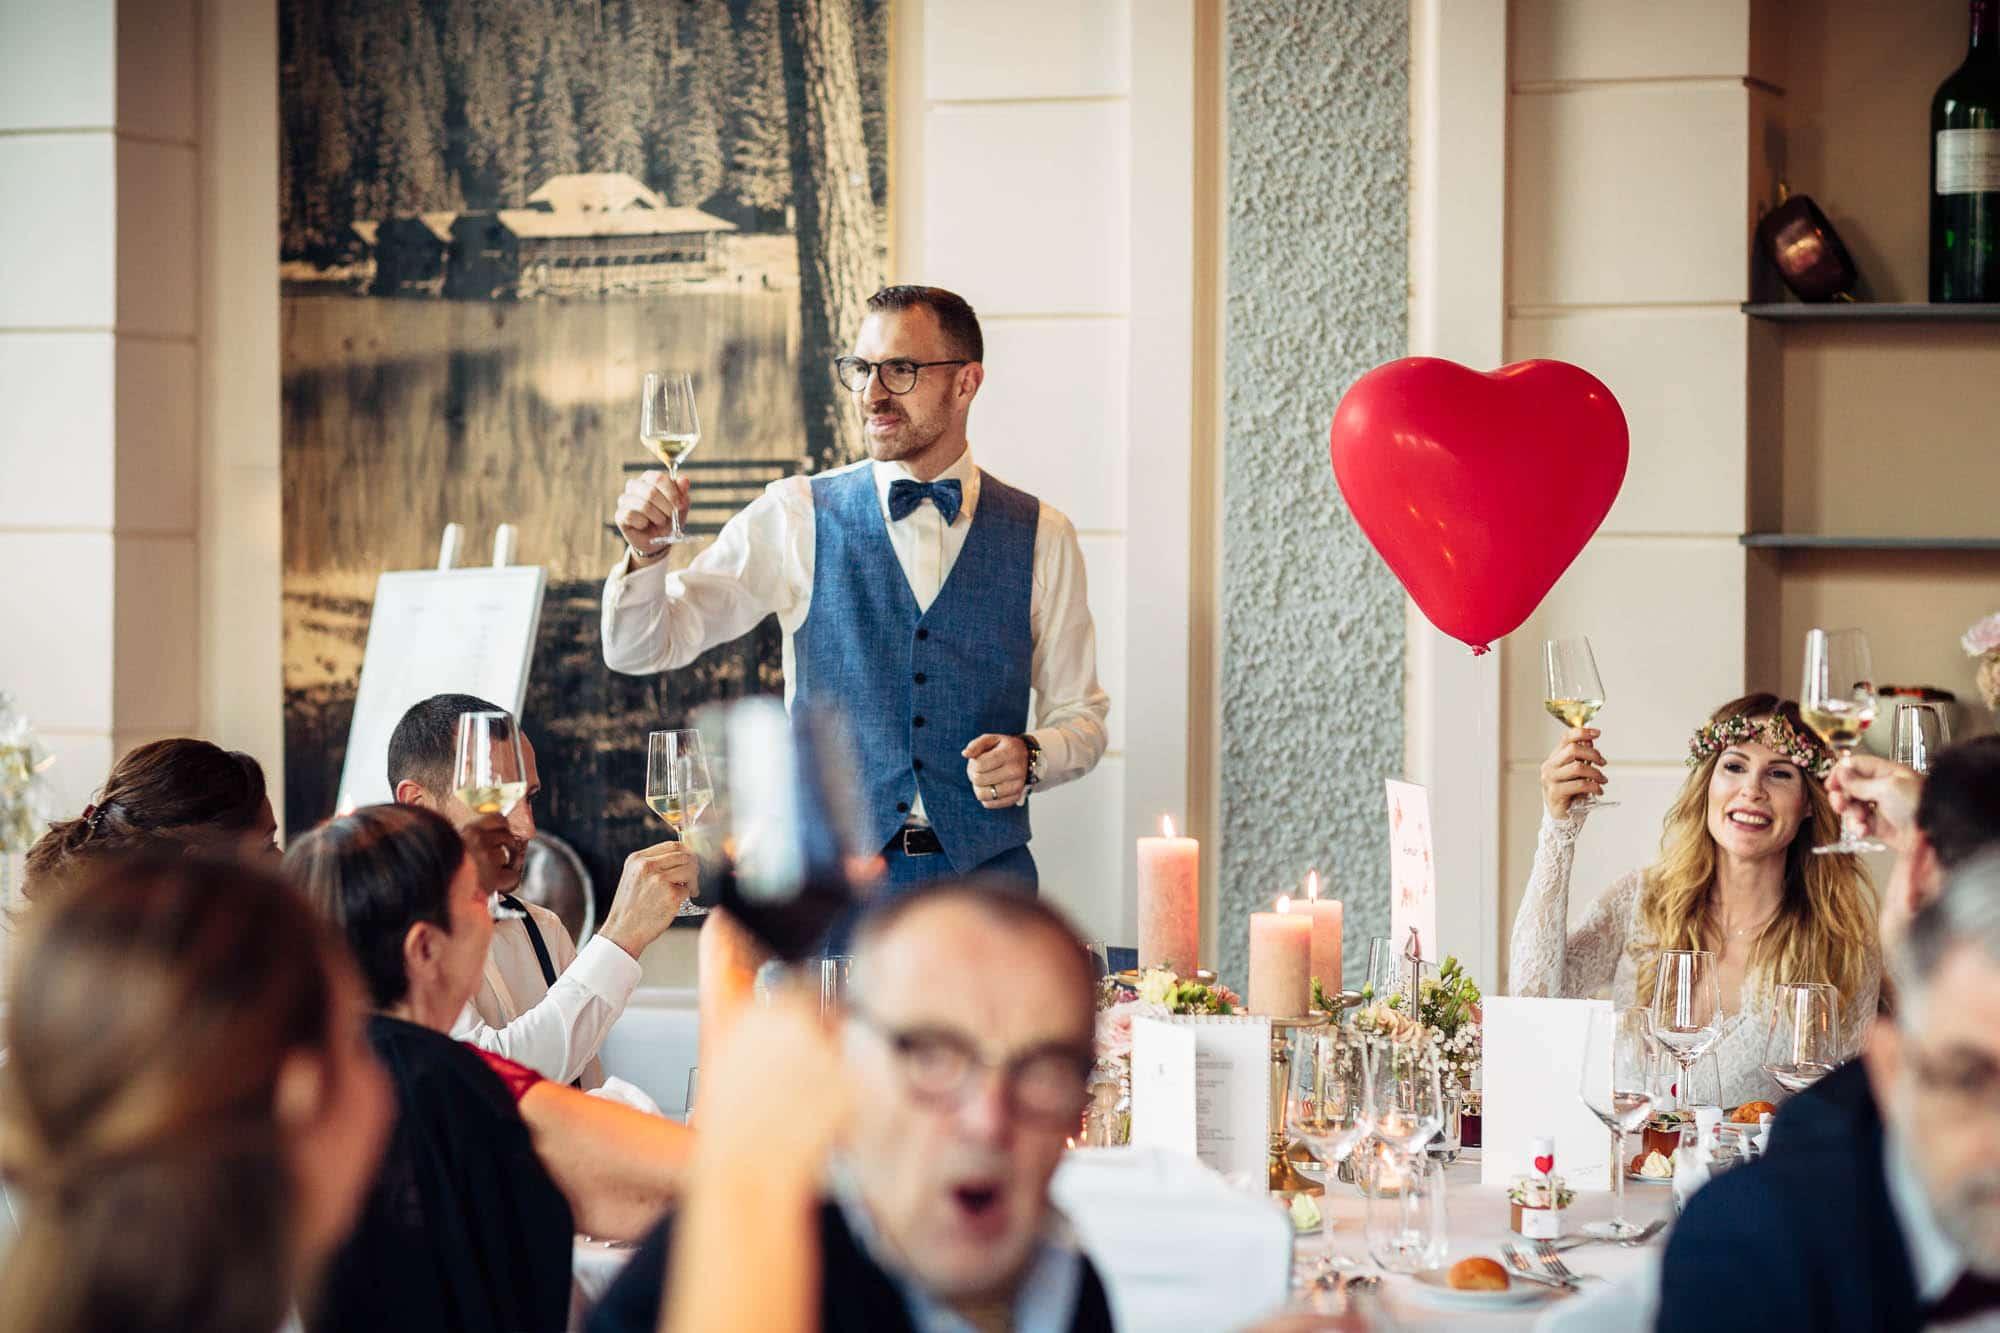 Ansprache und und gemeinsames Anstossen an der Hochzeit